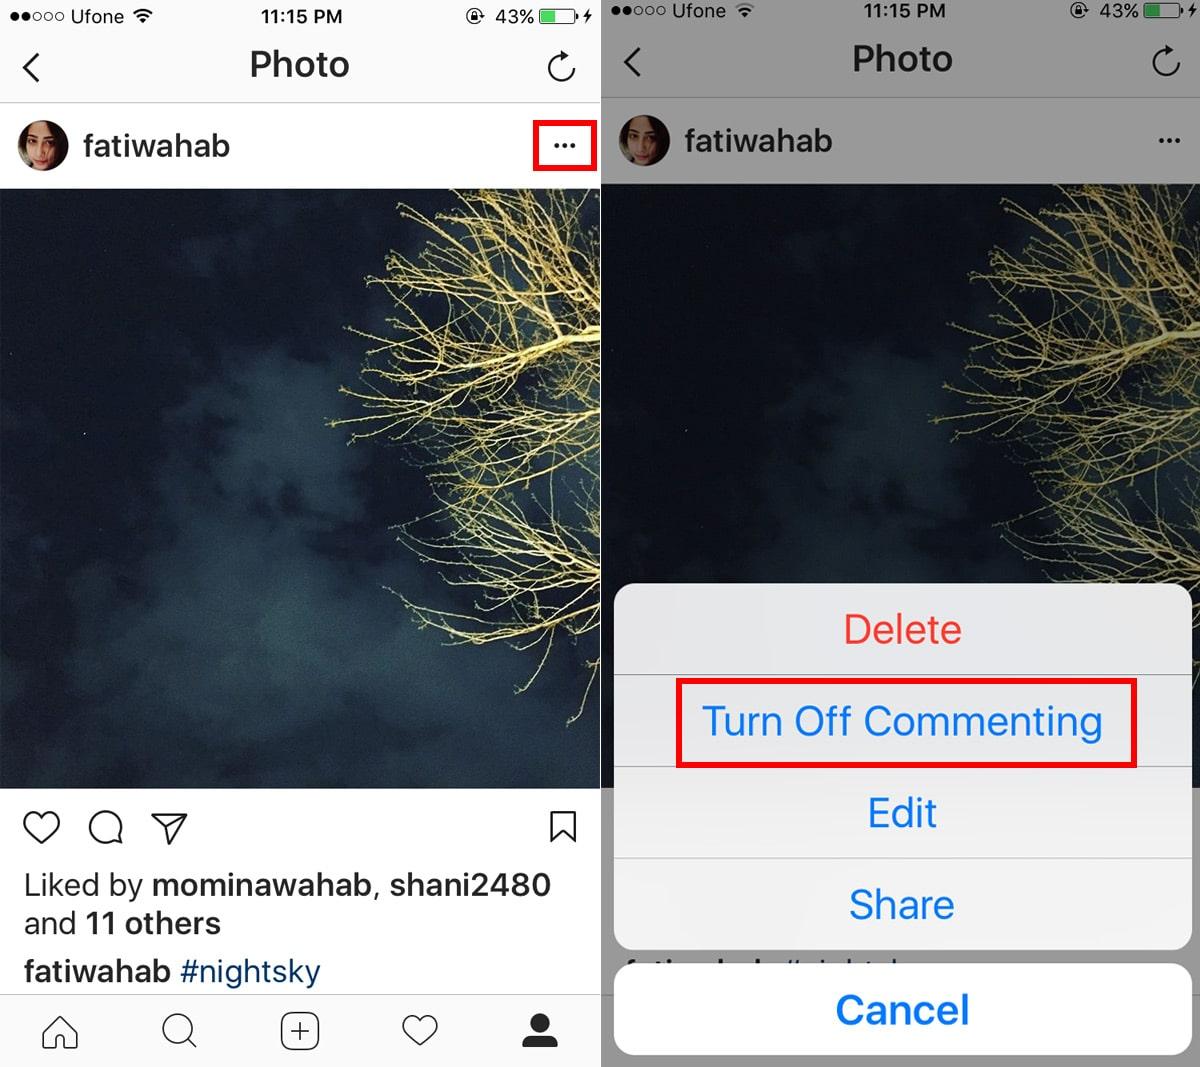 شرح طريقة منع التعليقات على الصور والفيديو في الإنستجرام Instagram 3